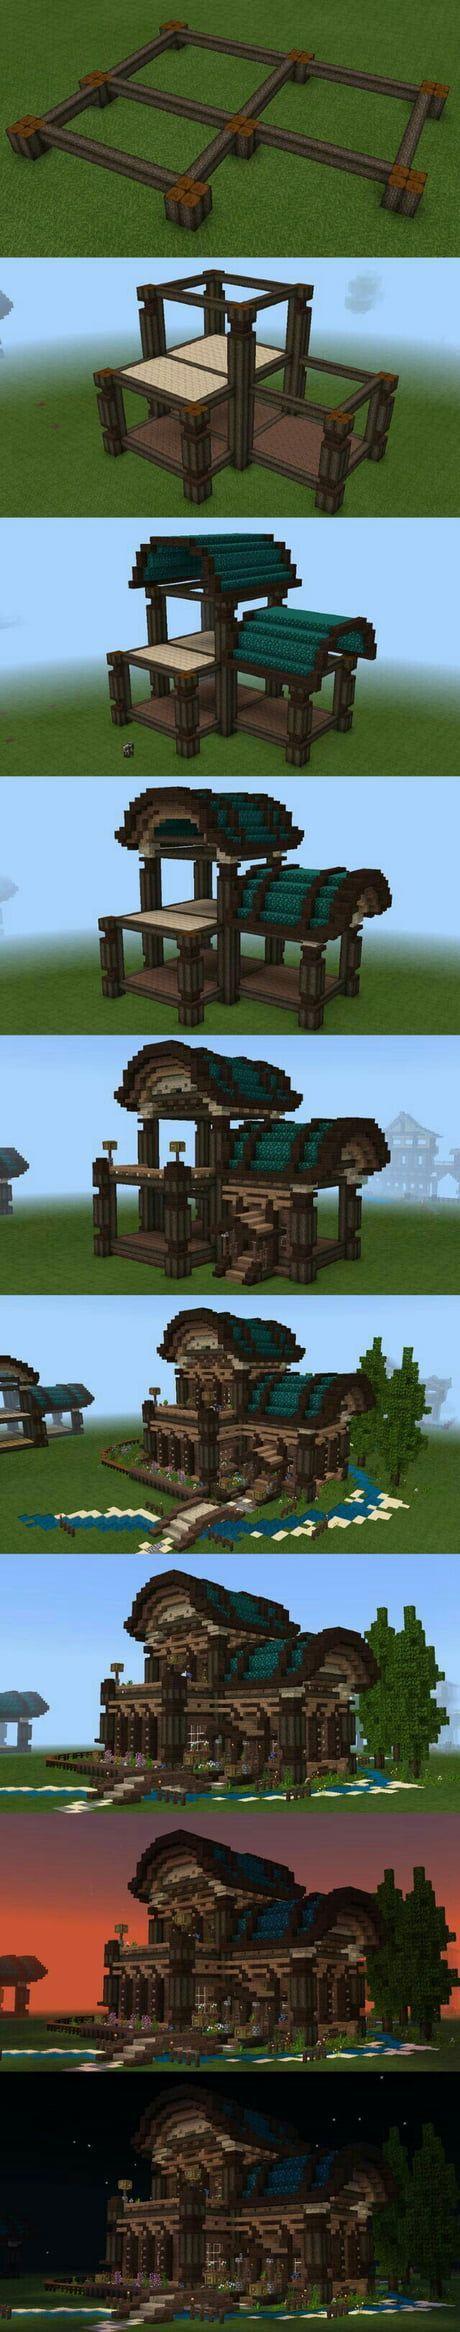 Wie baue ich mein Traumhaus in Minecraft? -  Wie baue ich mein Traumhaus in Minecraft – 9GAG  - #baue #diyDreamhouse #diyhomecrafts #homediyorganizations #Ich #mein #minecraft #Rustichouse #traumhaus #Wie #minecrafthouses